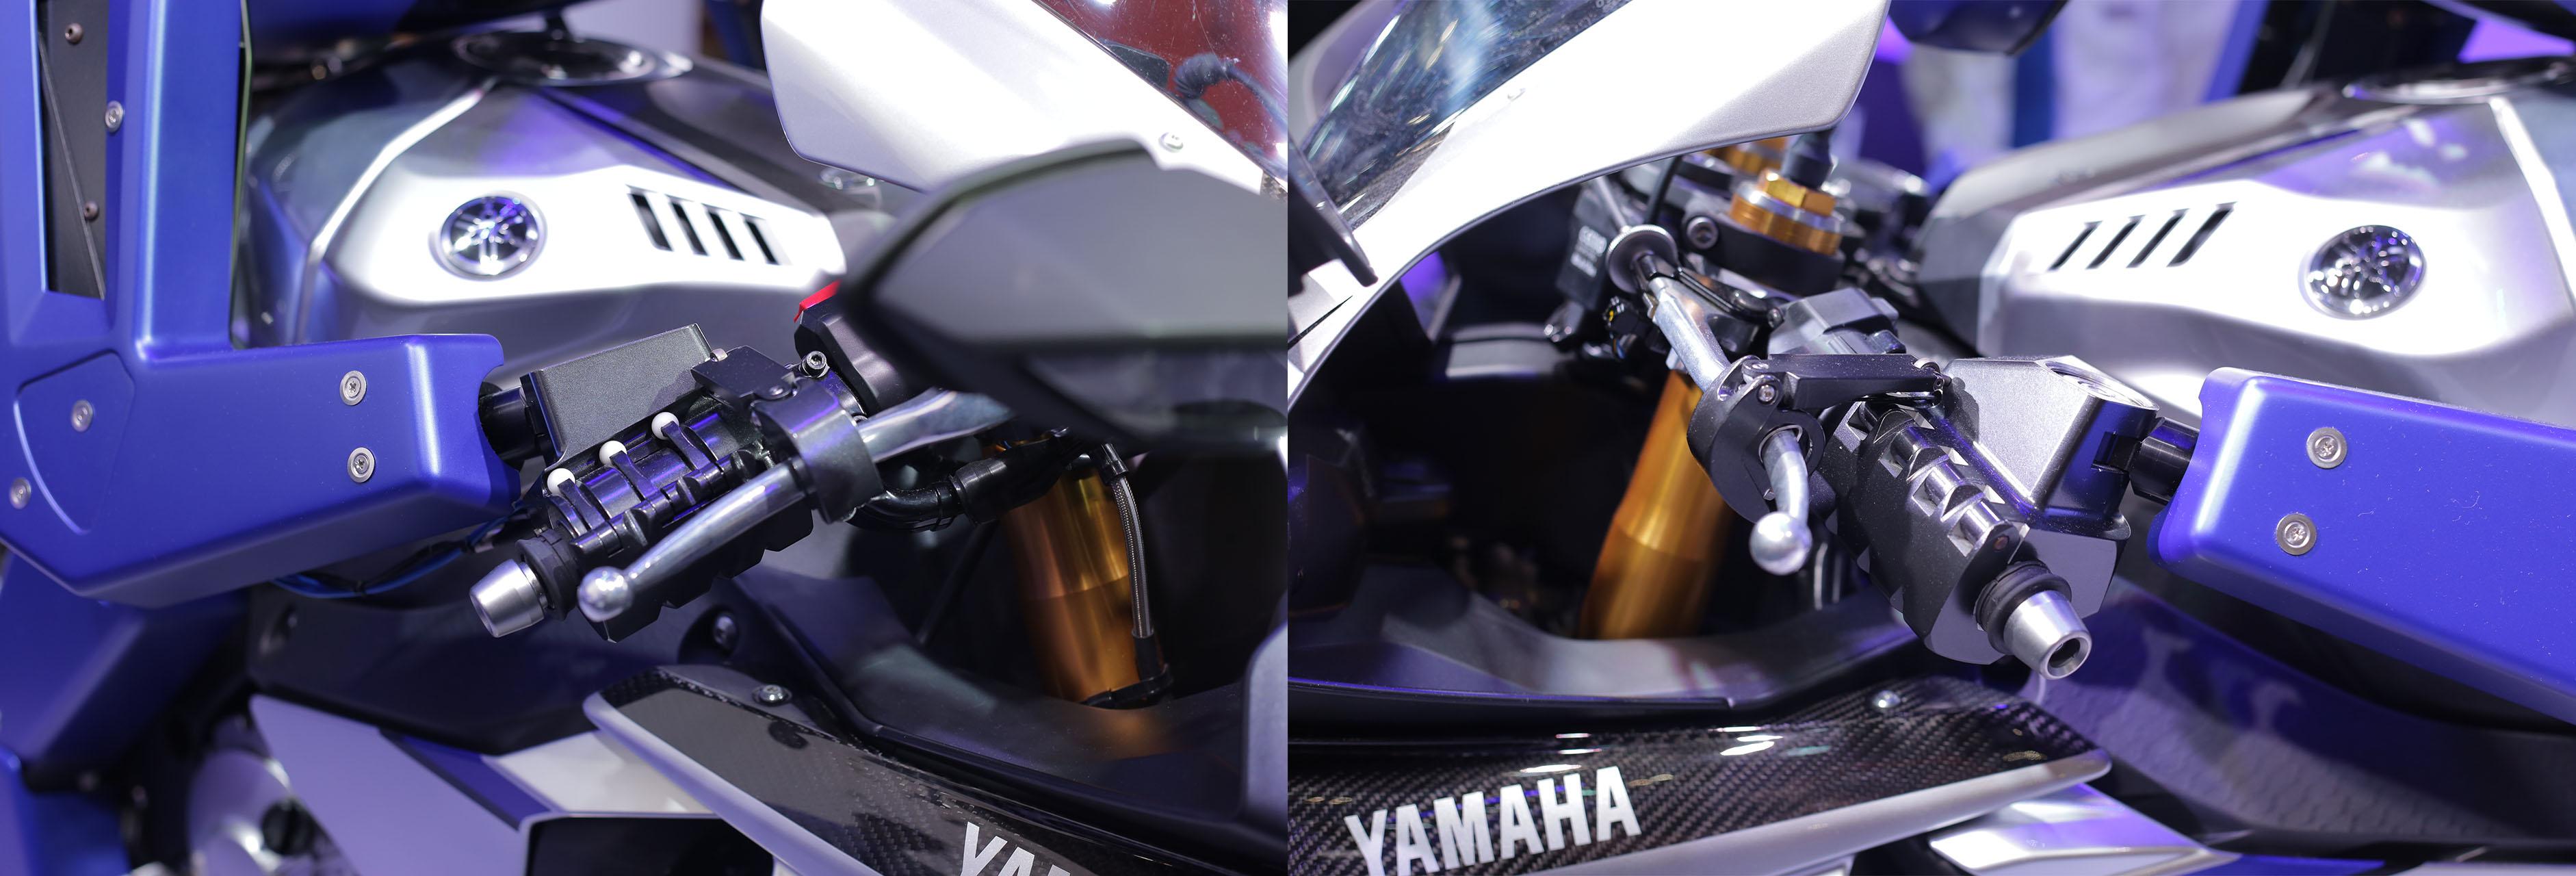 Yamaha MotoBot Controls